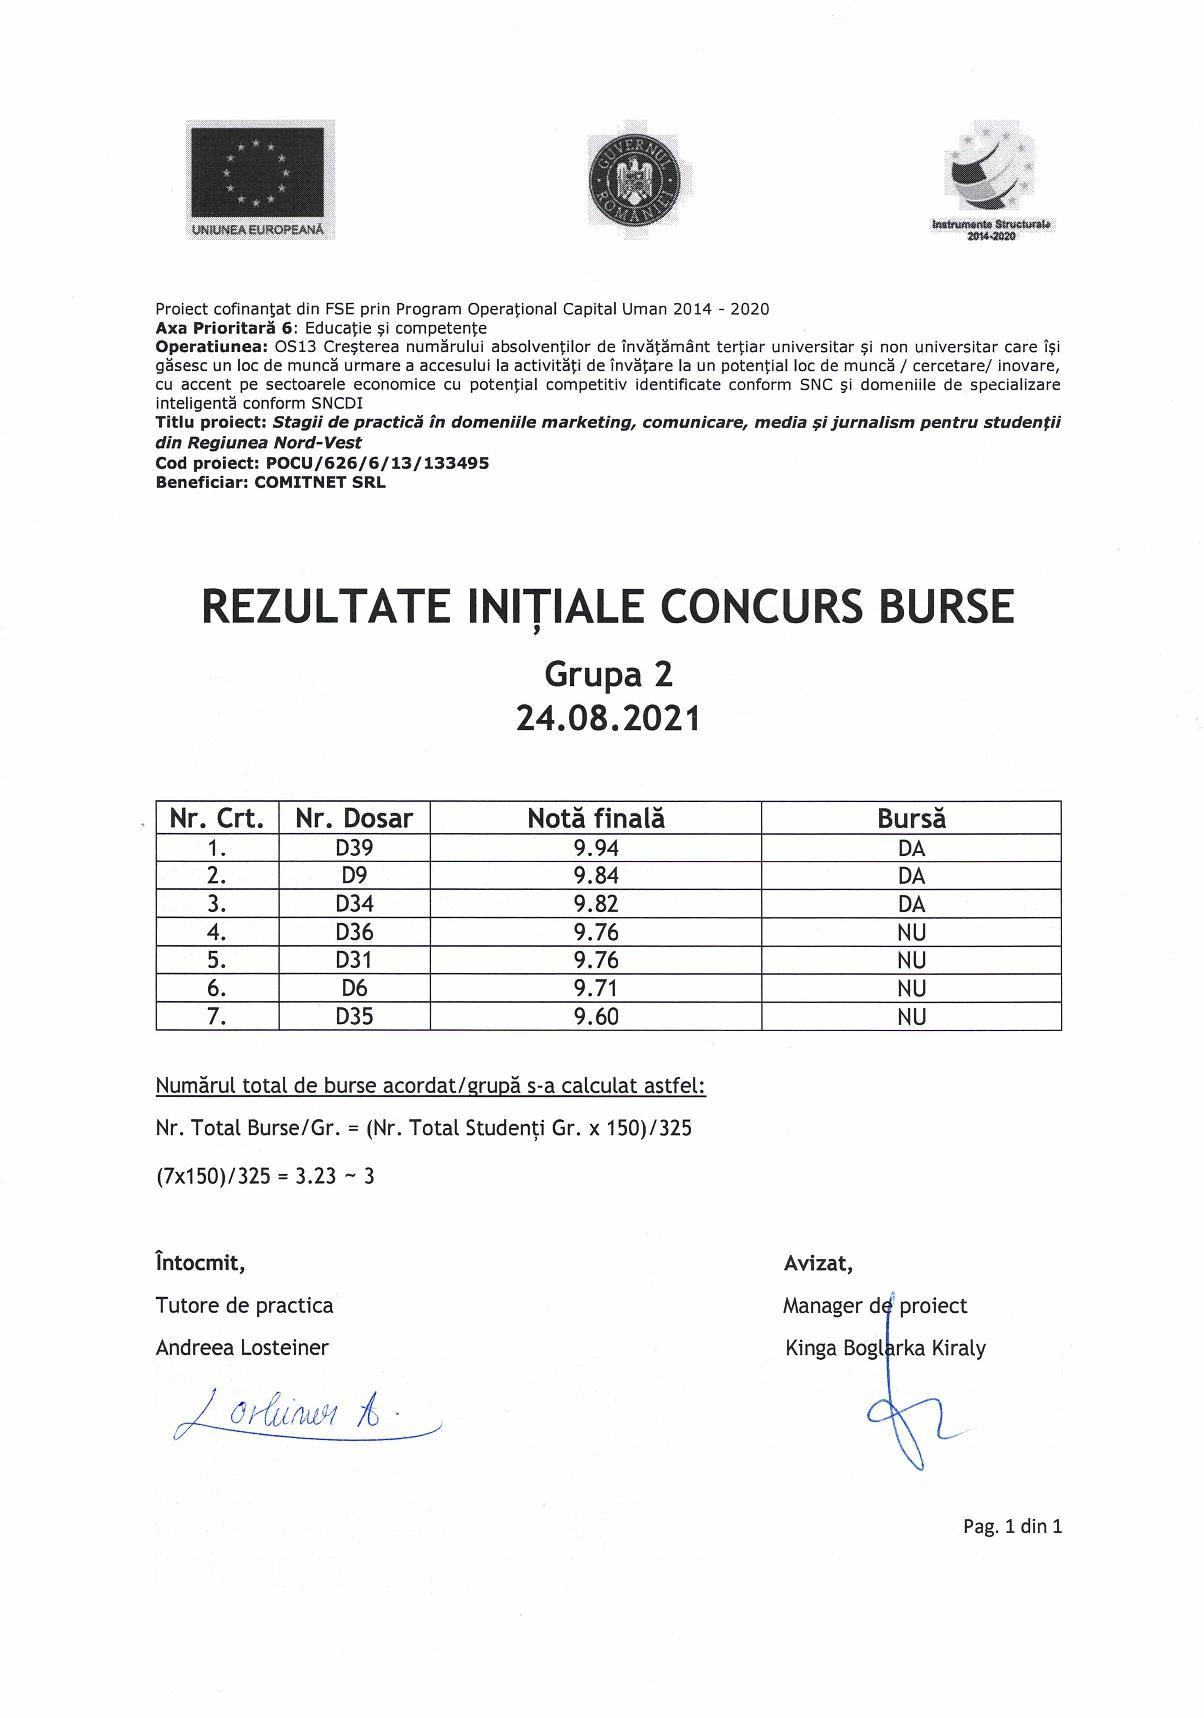 Rezultate initiale burse - gr. 2-page-001